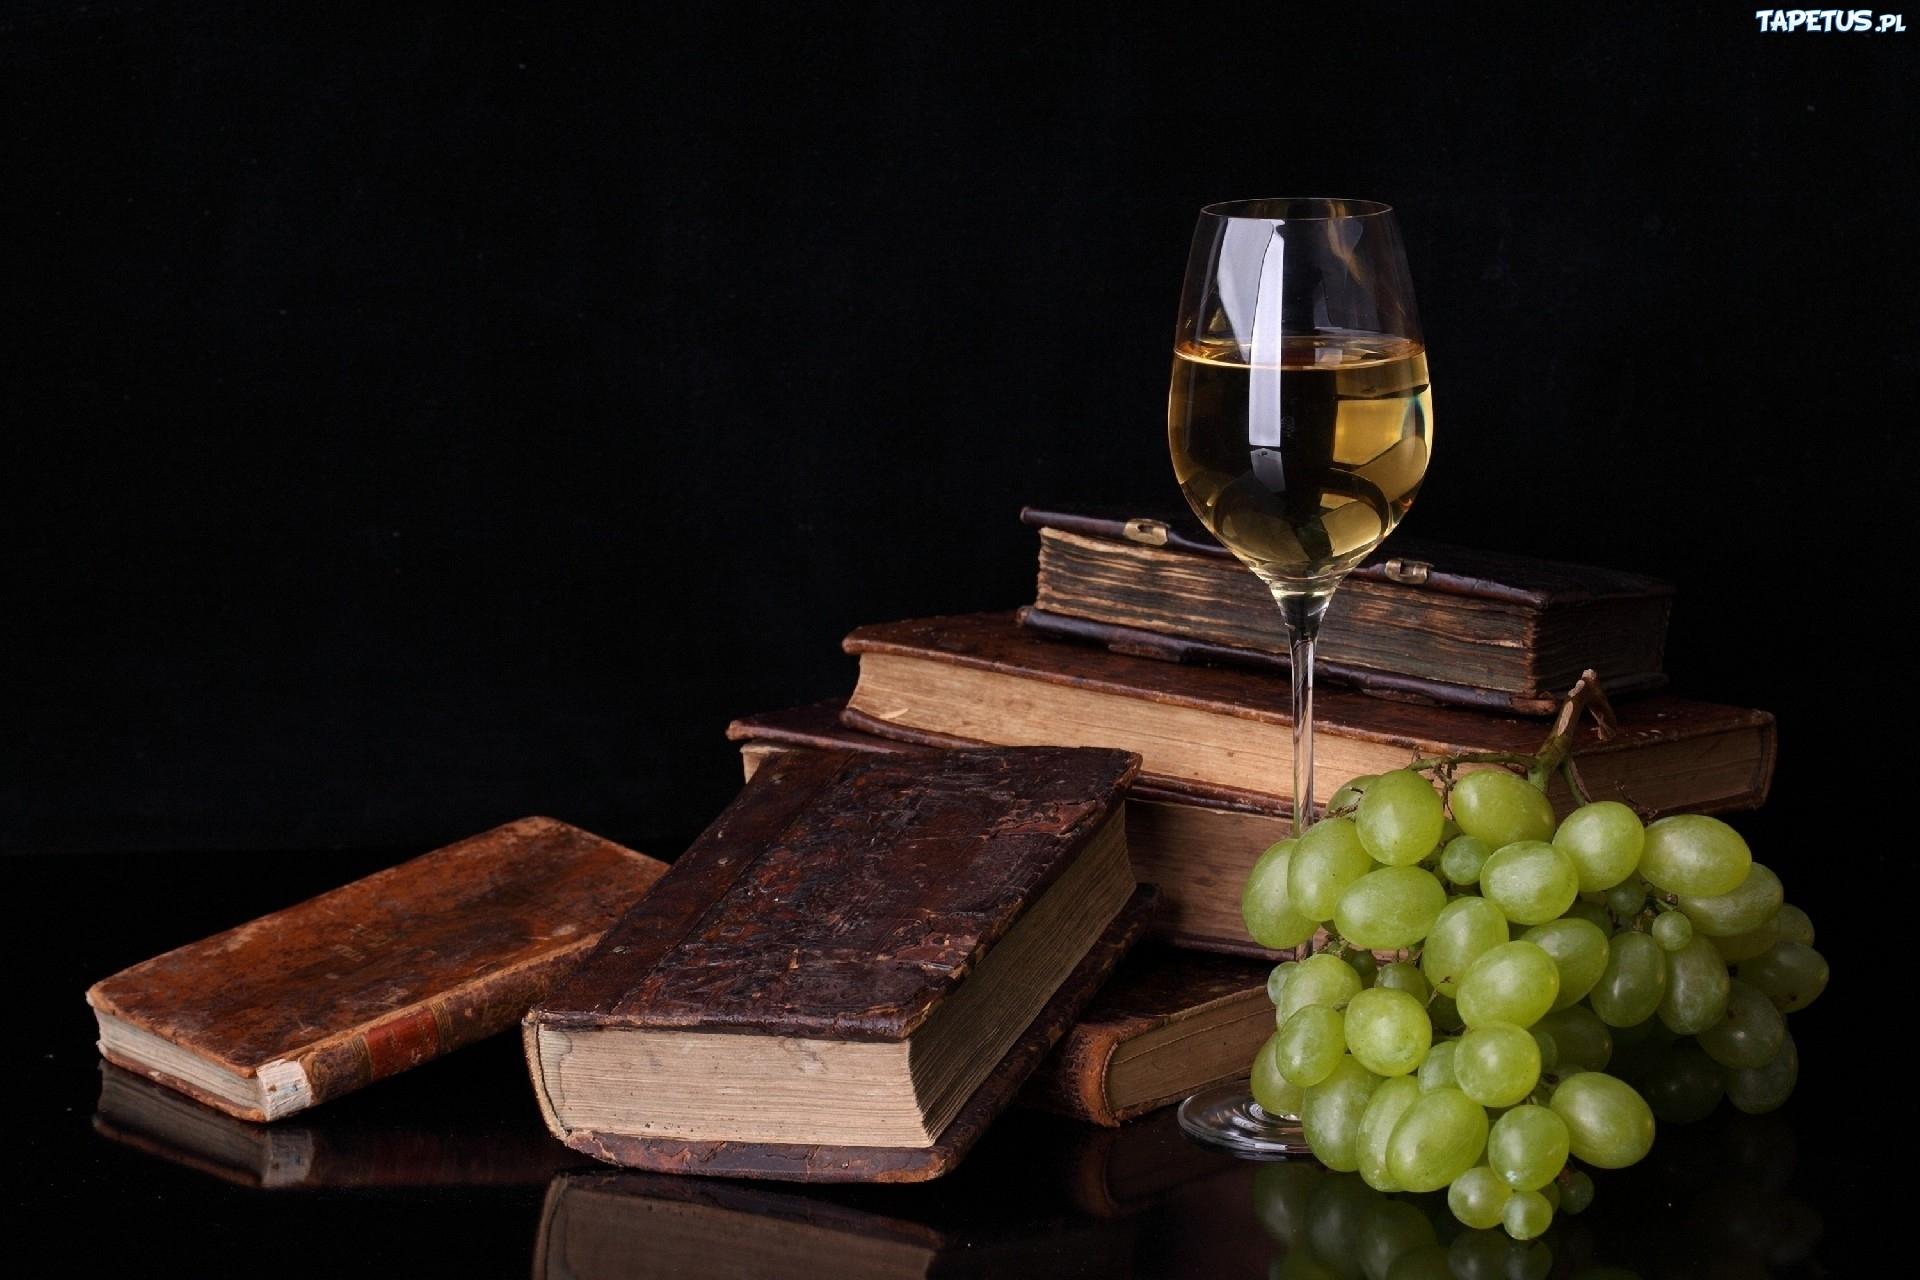 Нож, книга, бокал вино, трубка загрузить